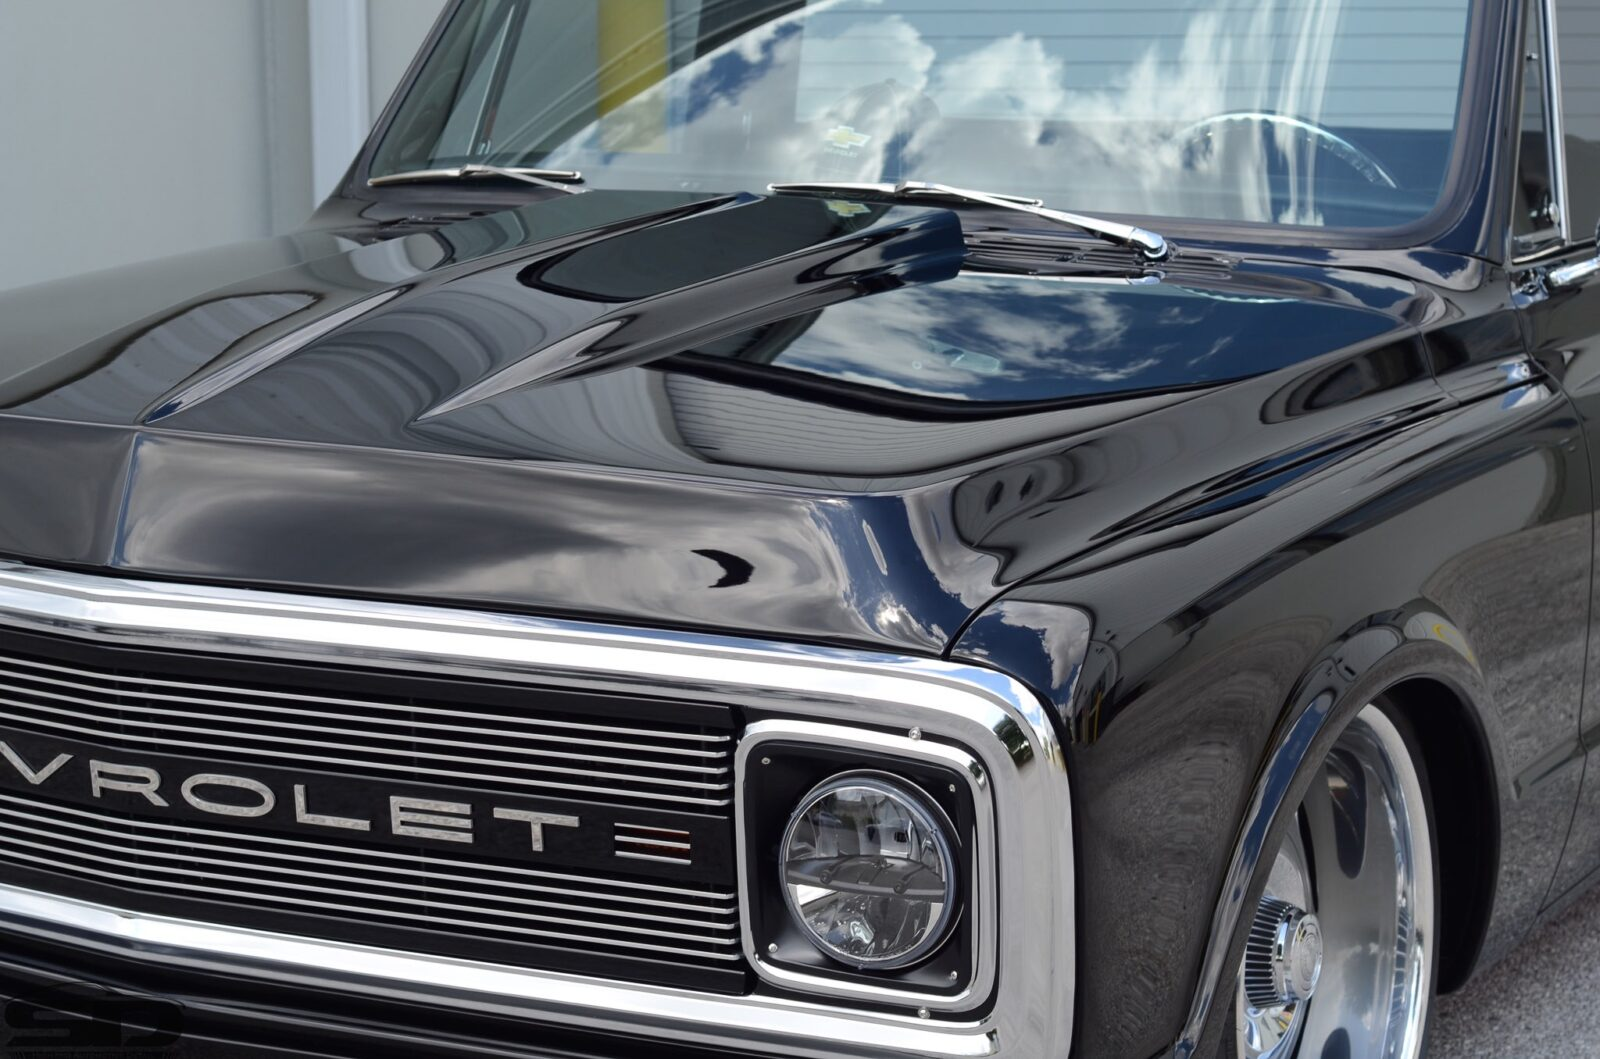 Chevy C10 (44 of 64)